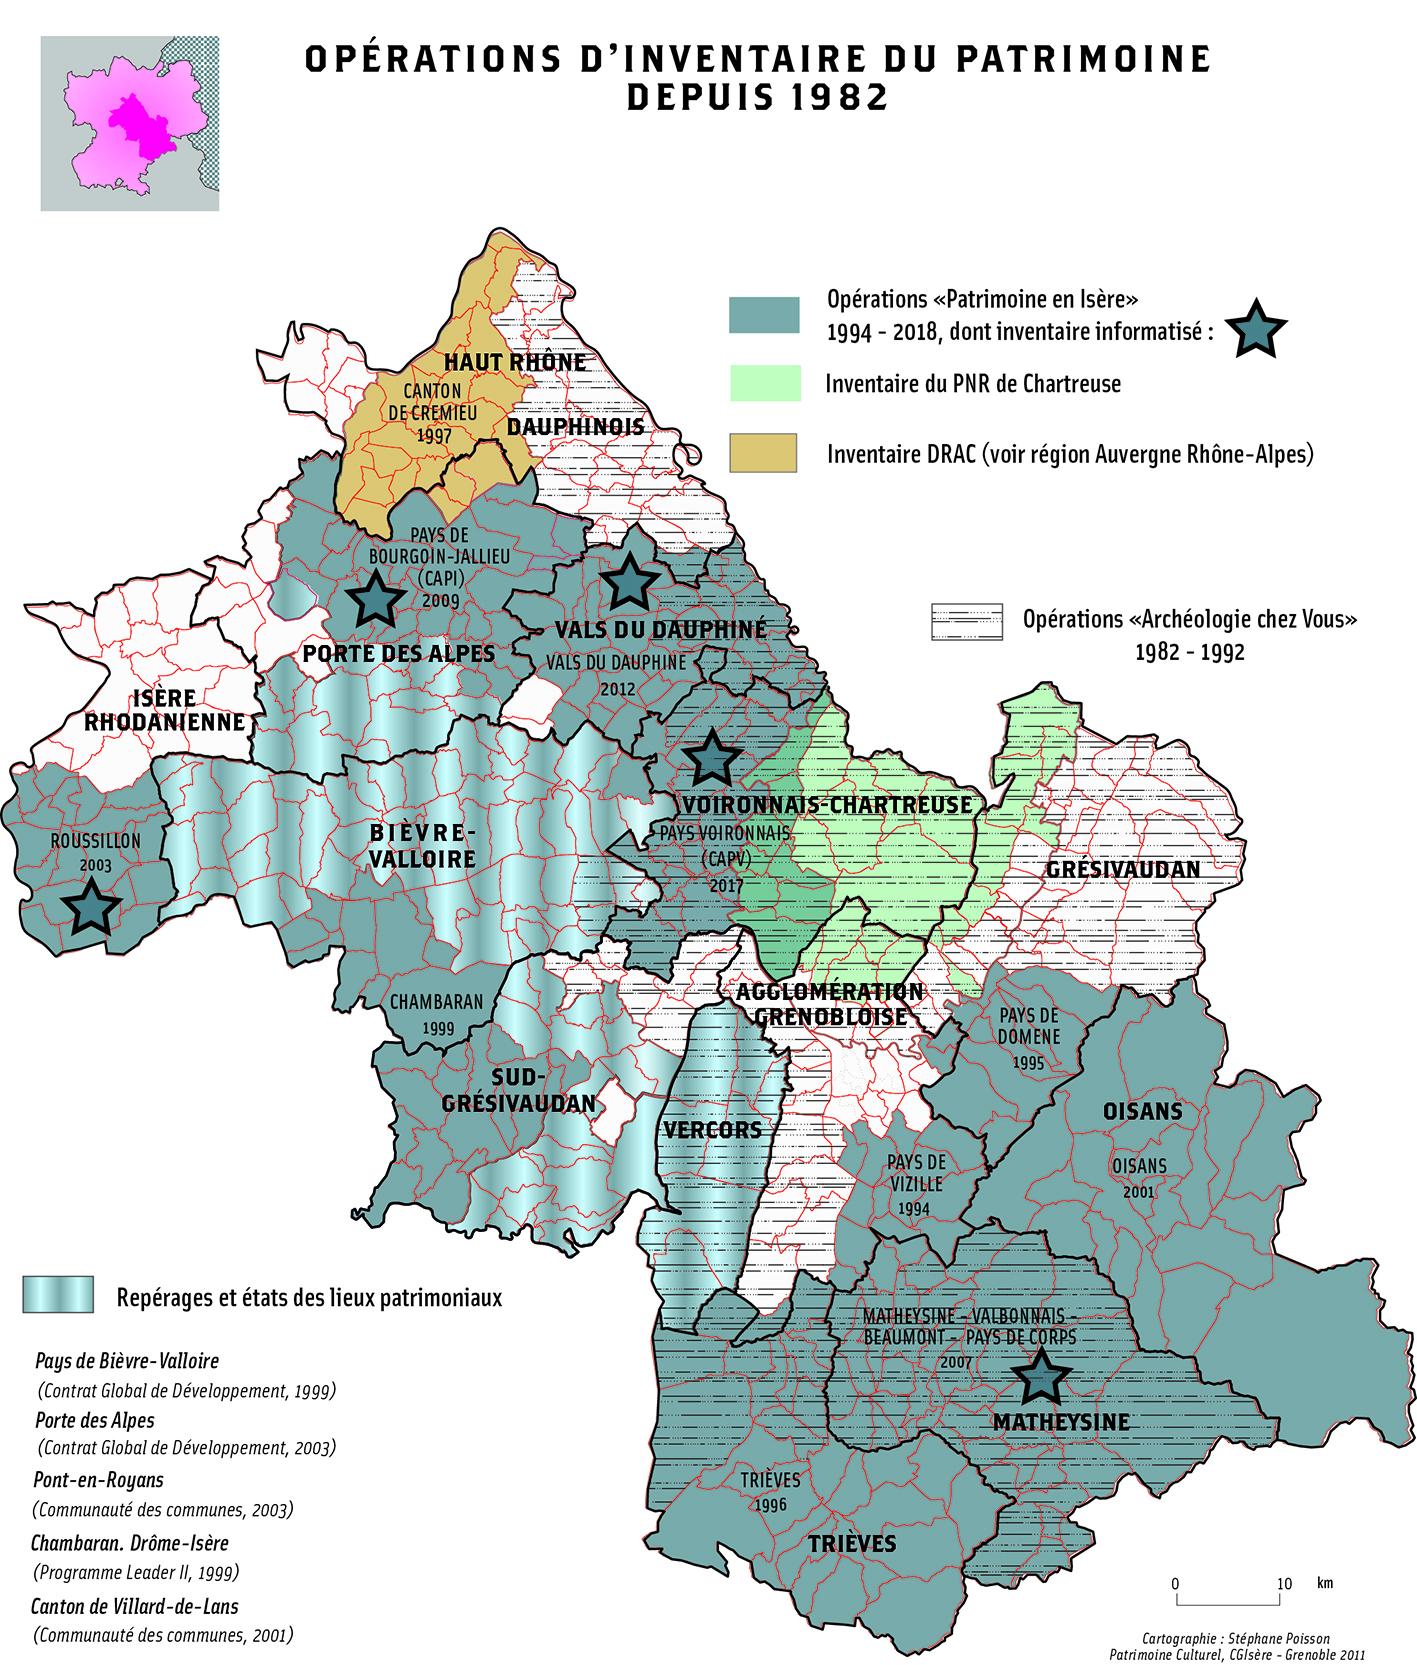 Carte des inventaires du patrimoine en Isère